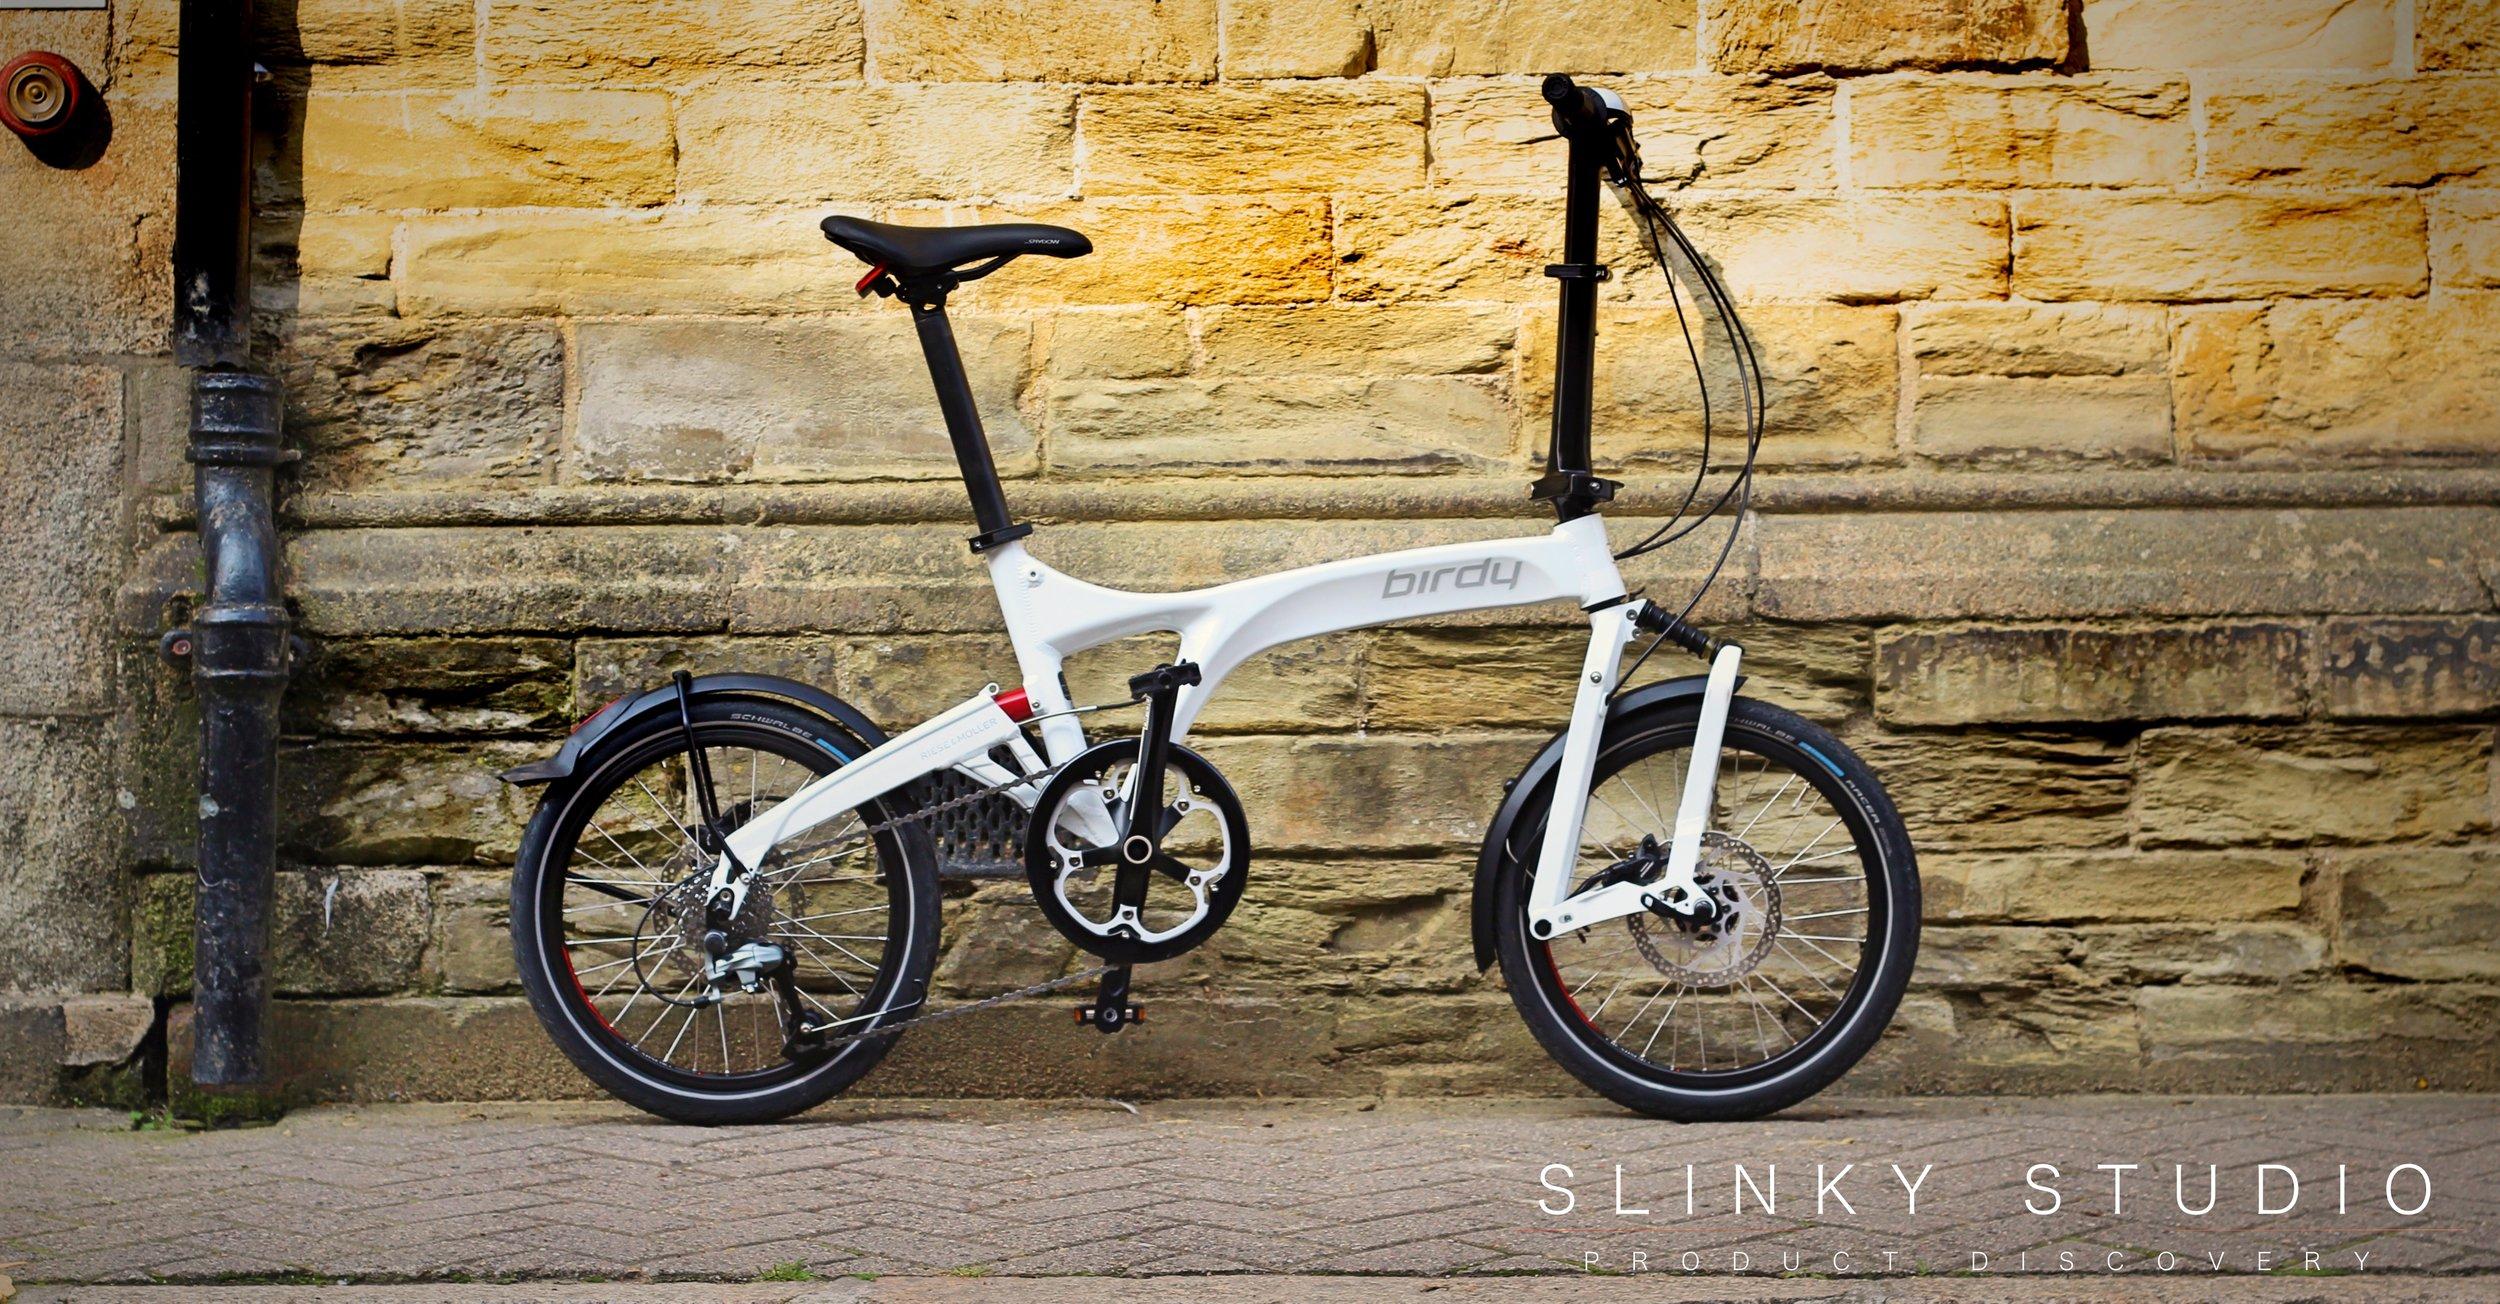 Cyclotricity Stealth 1000w Ebike Review Slinky Studio